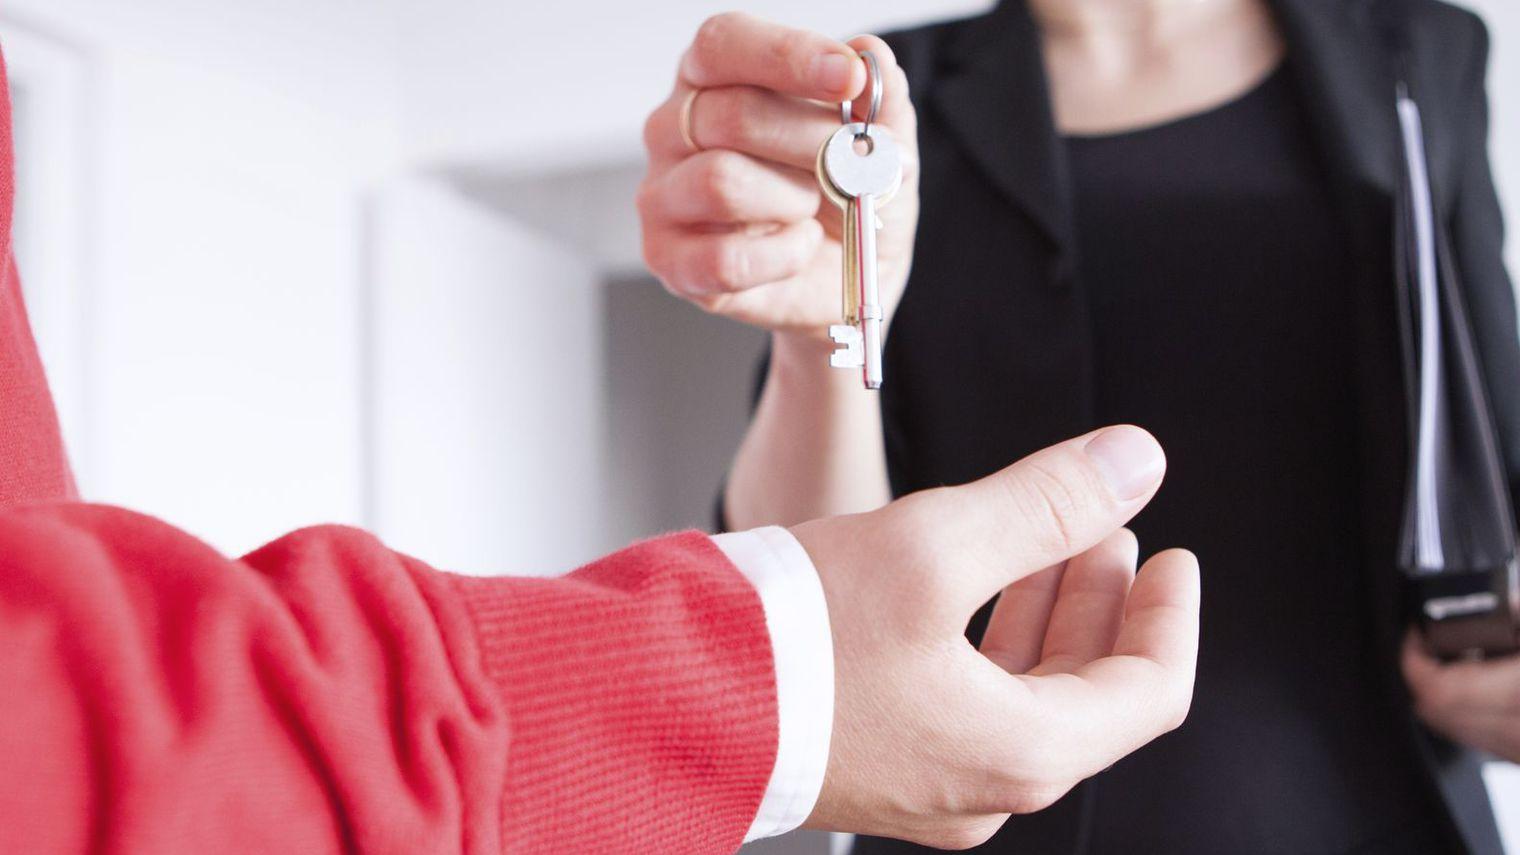 Immobilier : changer d'agence n'est pas tromper